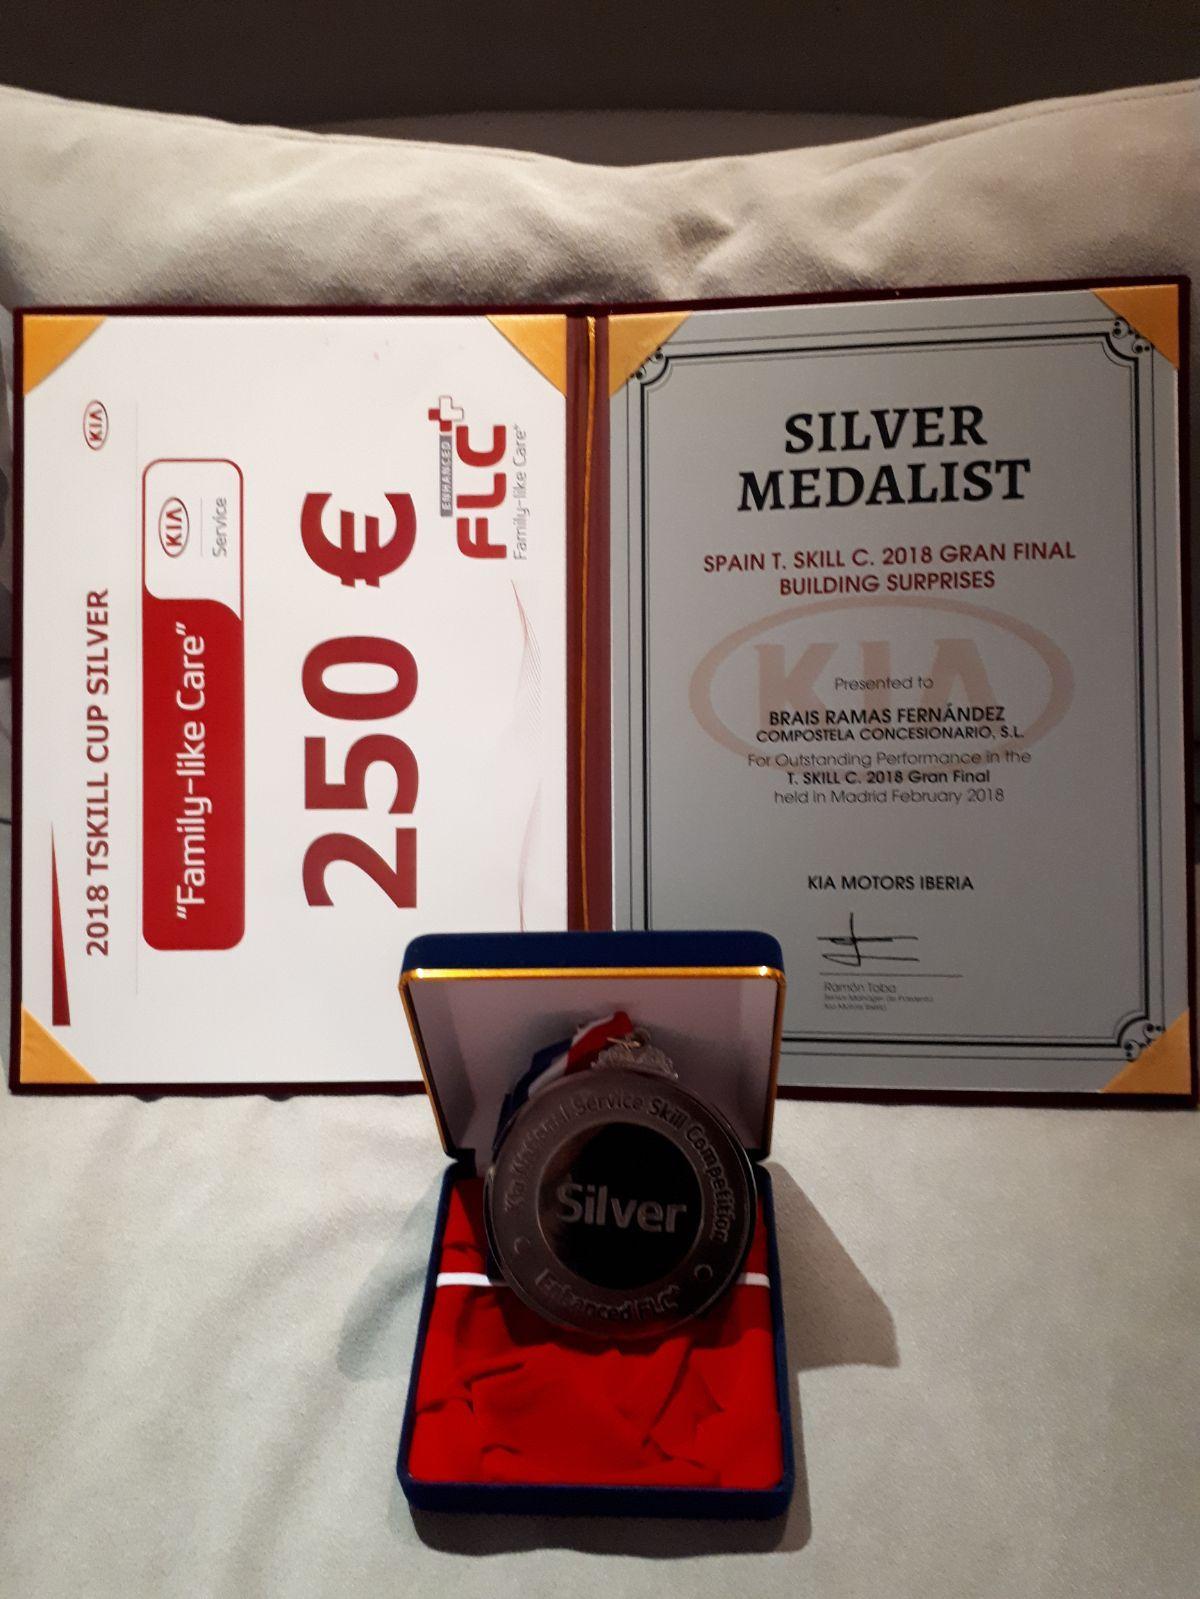 Medalla de plata en la SKILL CUP TÉCNICOS 2018 para uno de nuestros mecánicos